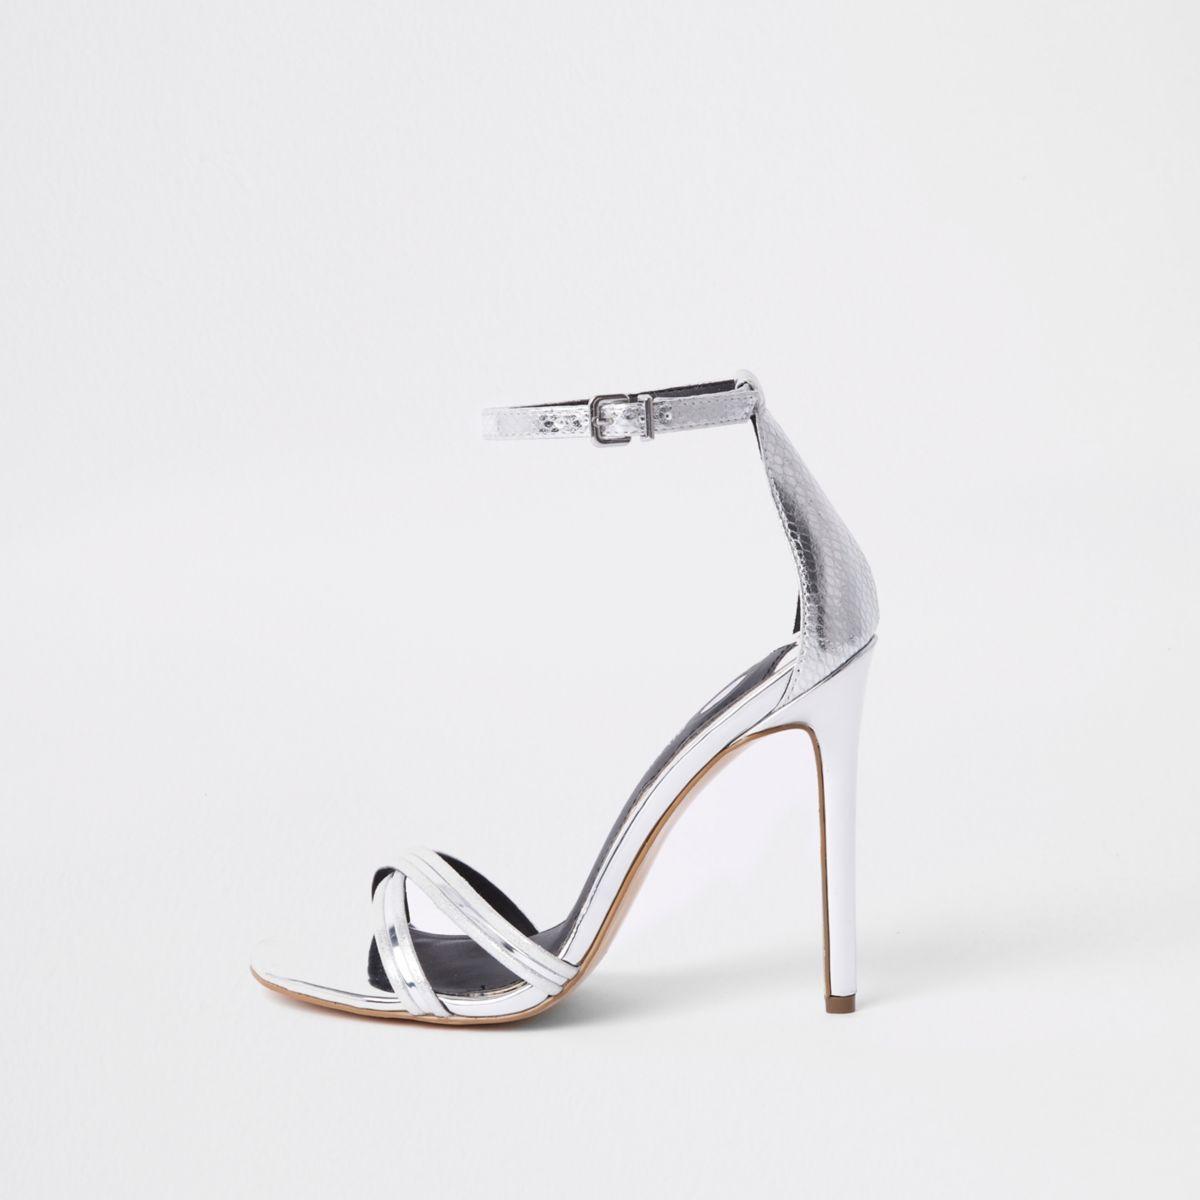 Zilverkleurig metallic minimalistische sandalen